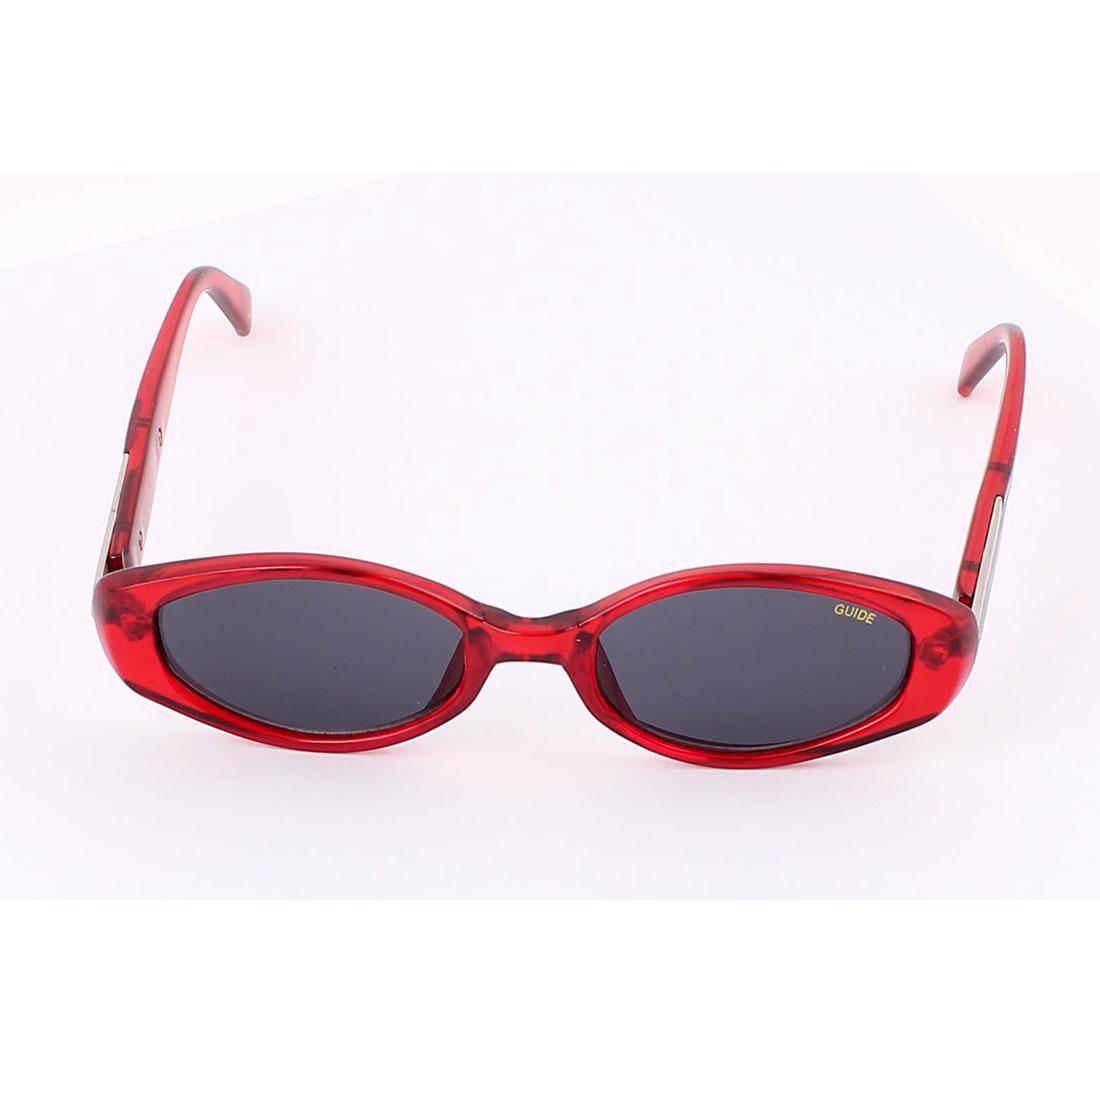 Ladies Full Rim Outdoor Protective Sunglasses Eyeglasses Eyewear Burgundy